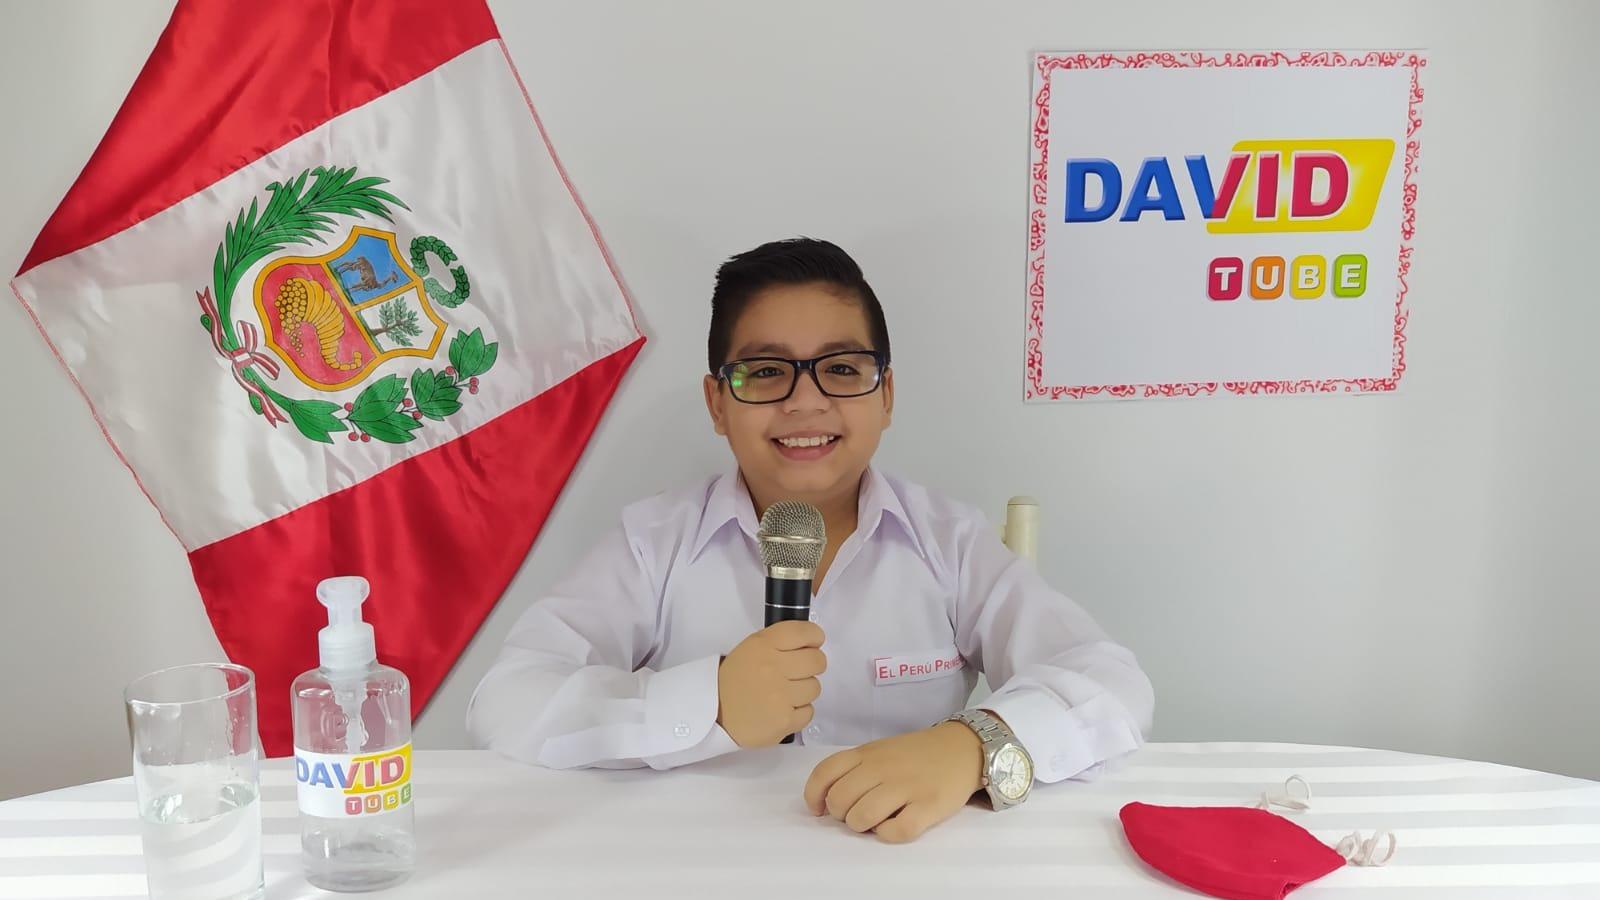 Niño youtuber se disfraza de presidente de la república para enviar sus recomendaciones a otros niños